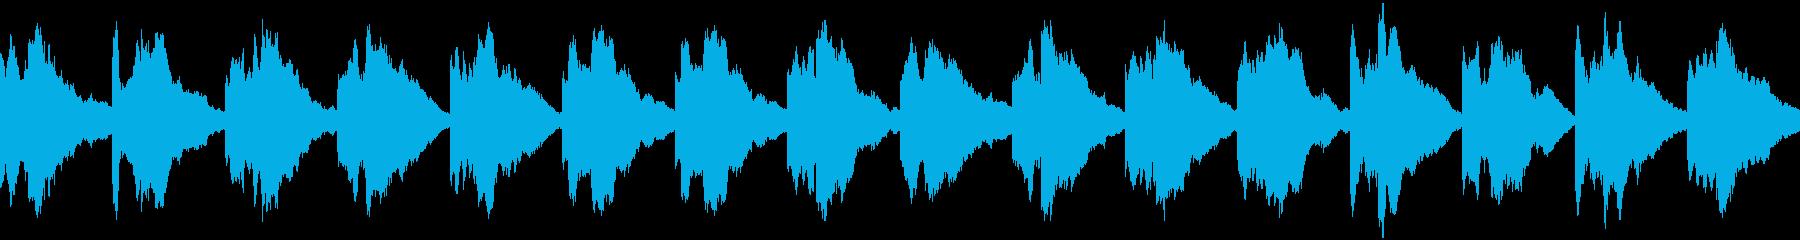 緊急事態の警報音 ピポン ループの再生済みの波形